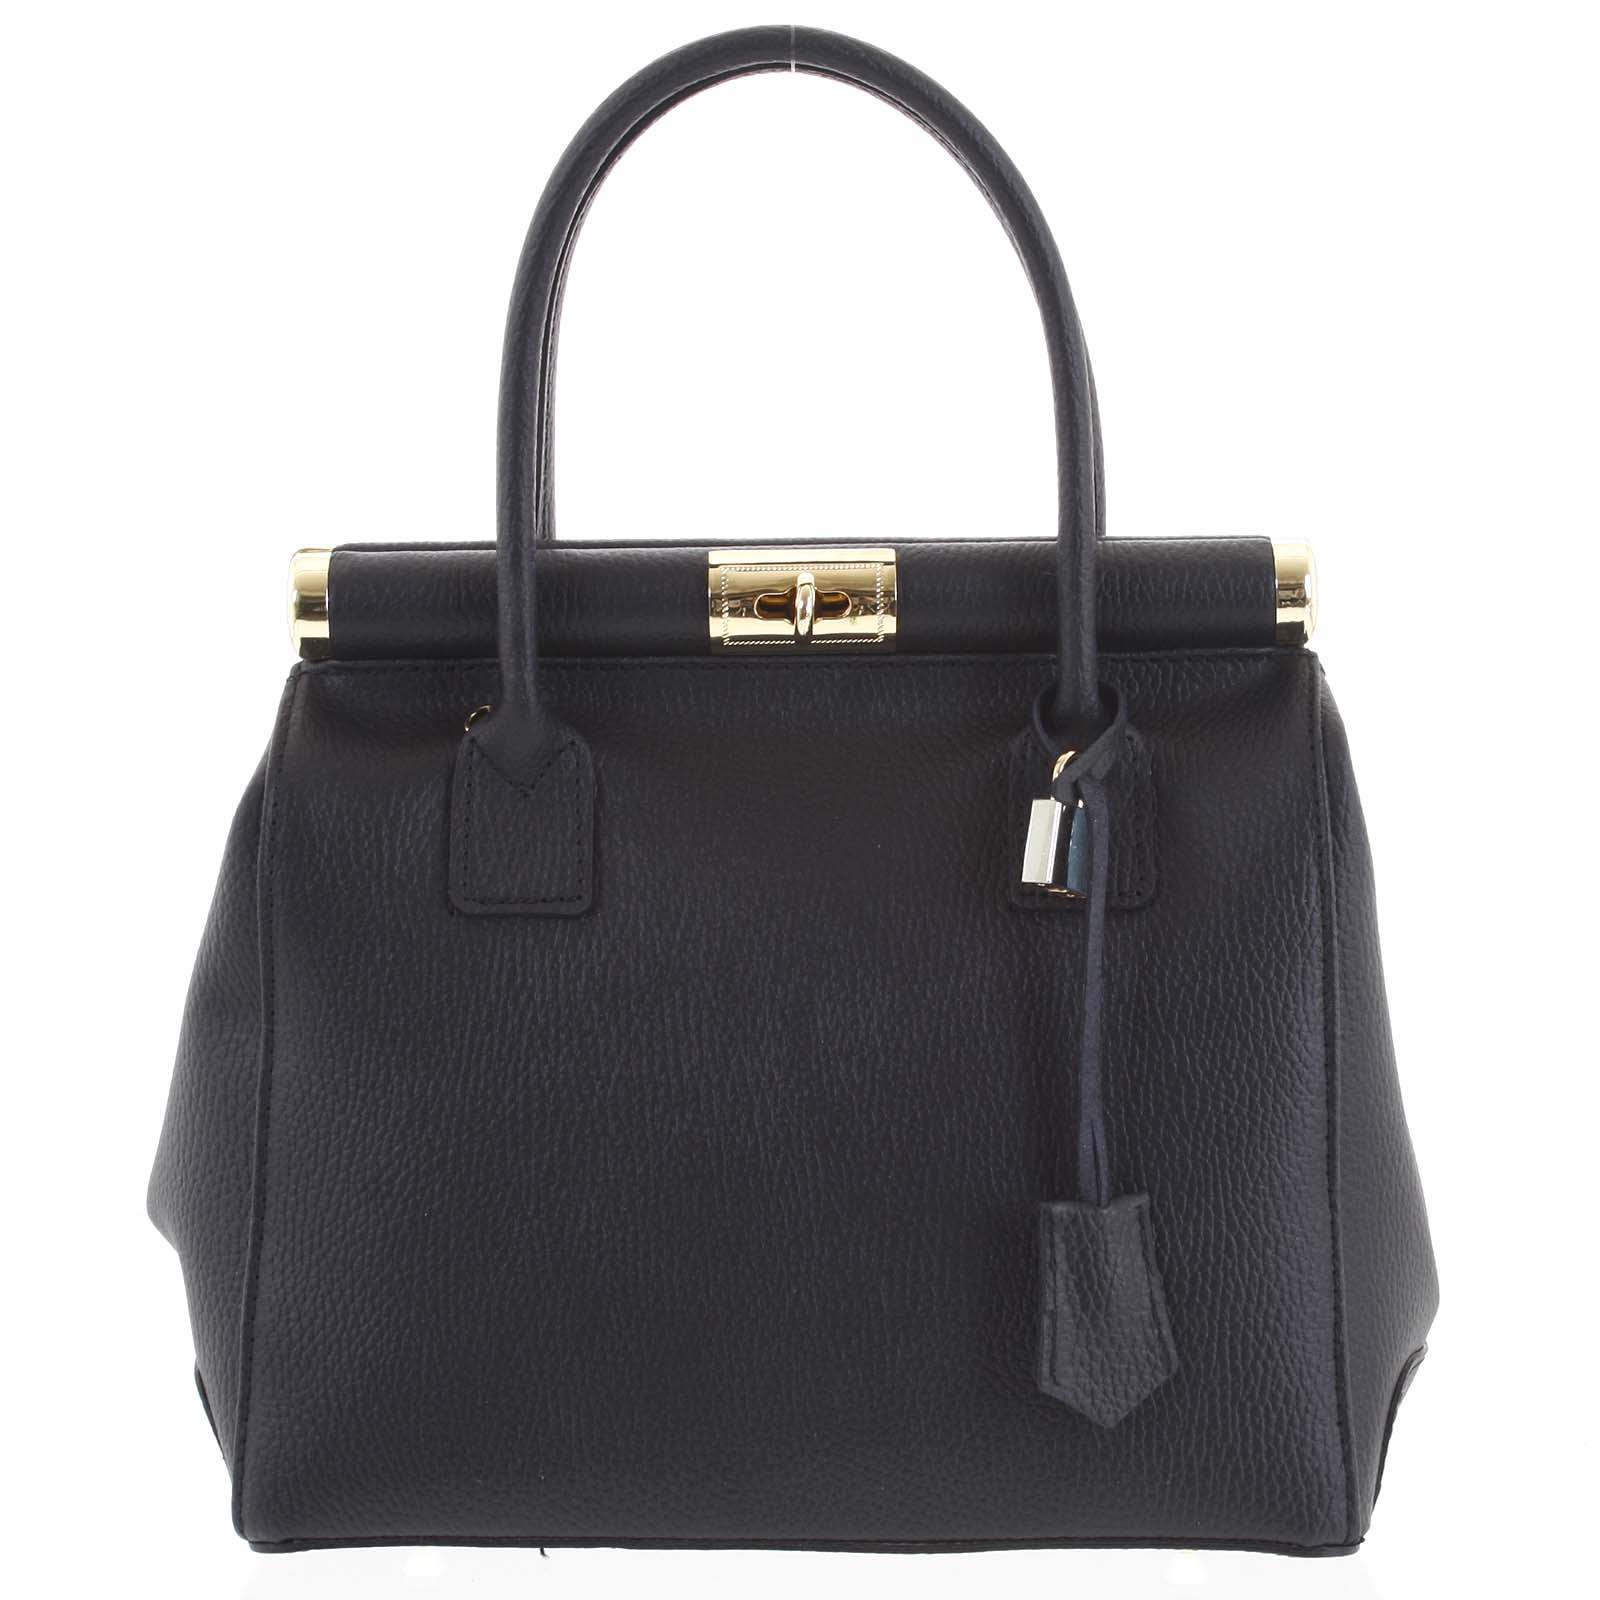 Luxusná dámska kožená kabelka do ruky čierna - ItalY Hyla čierna